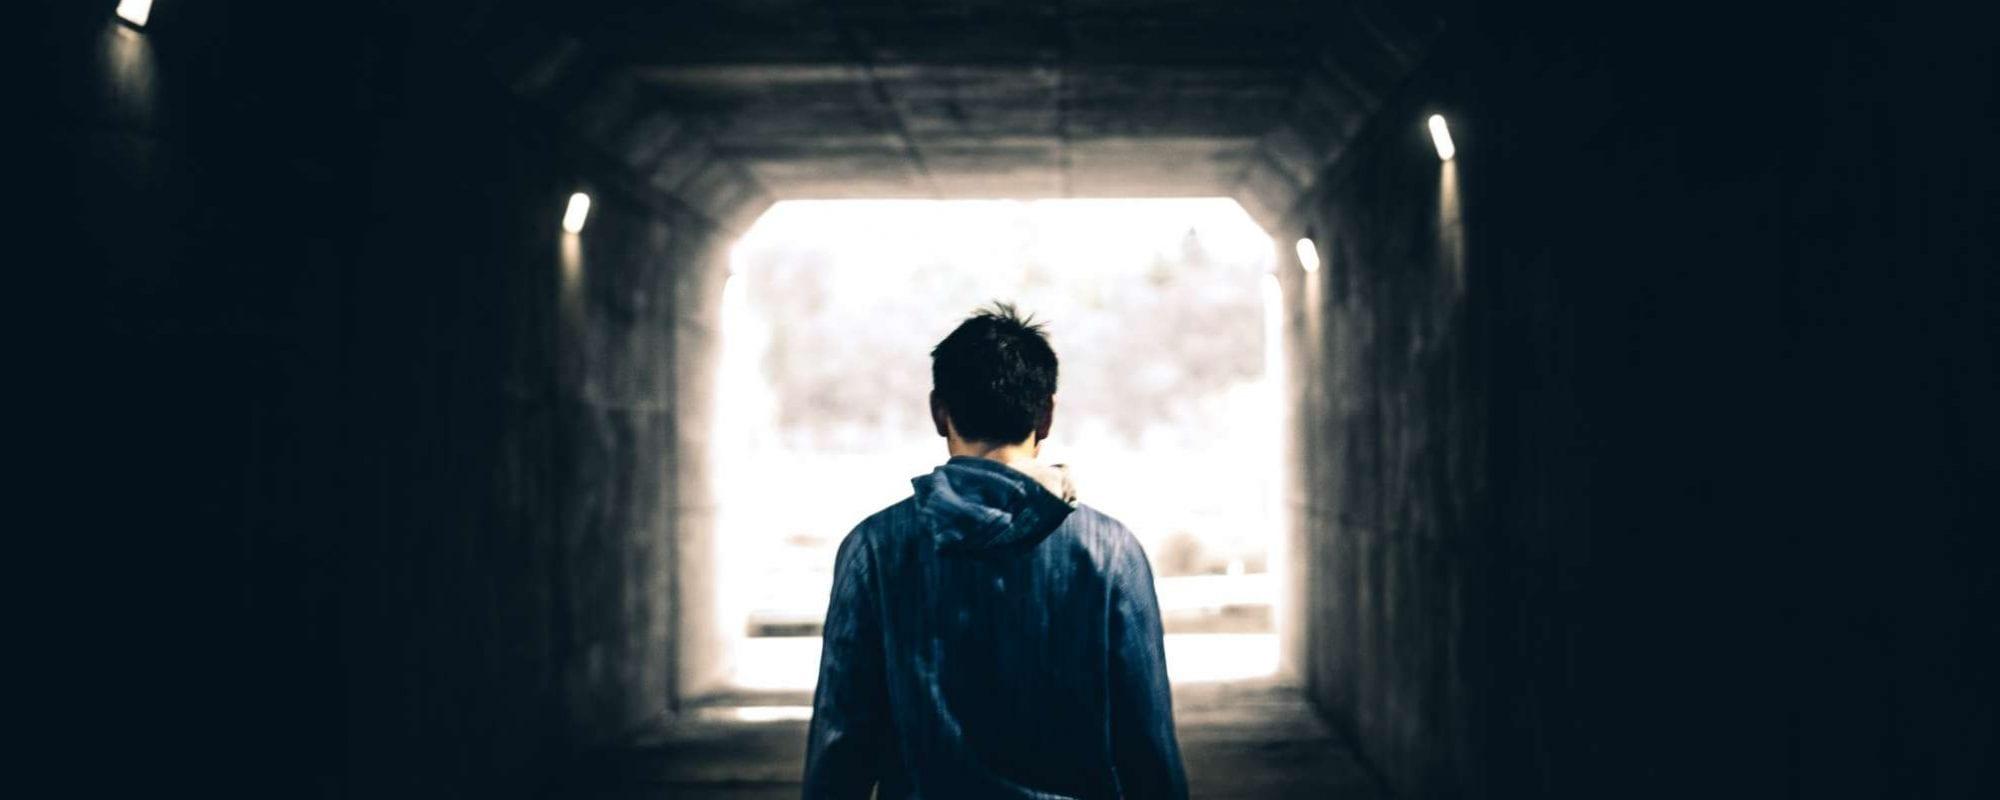 Boy walking in tunnel